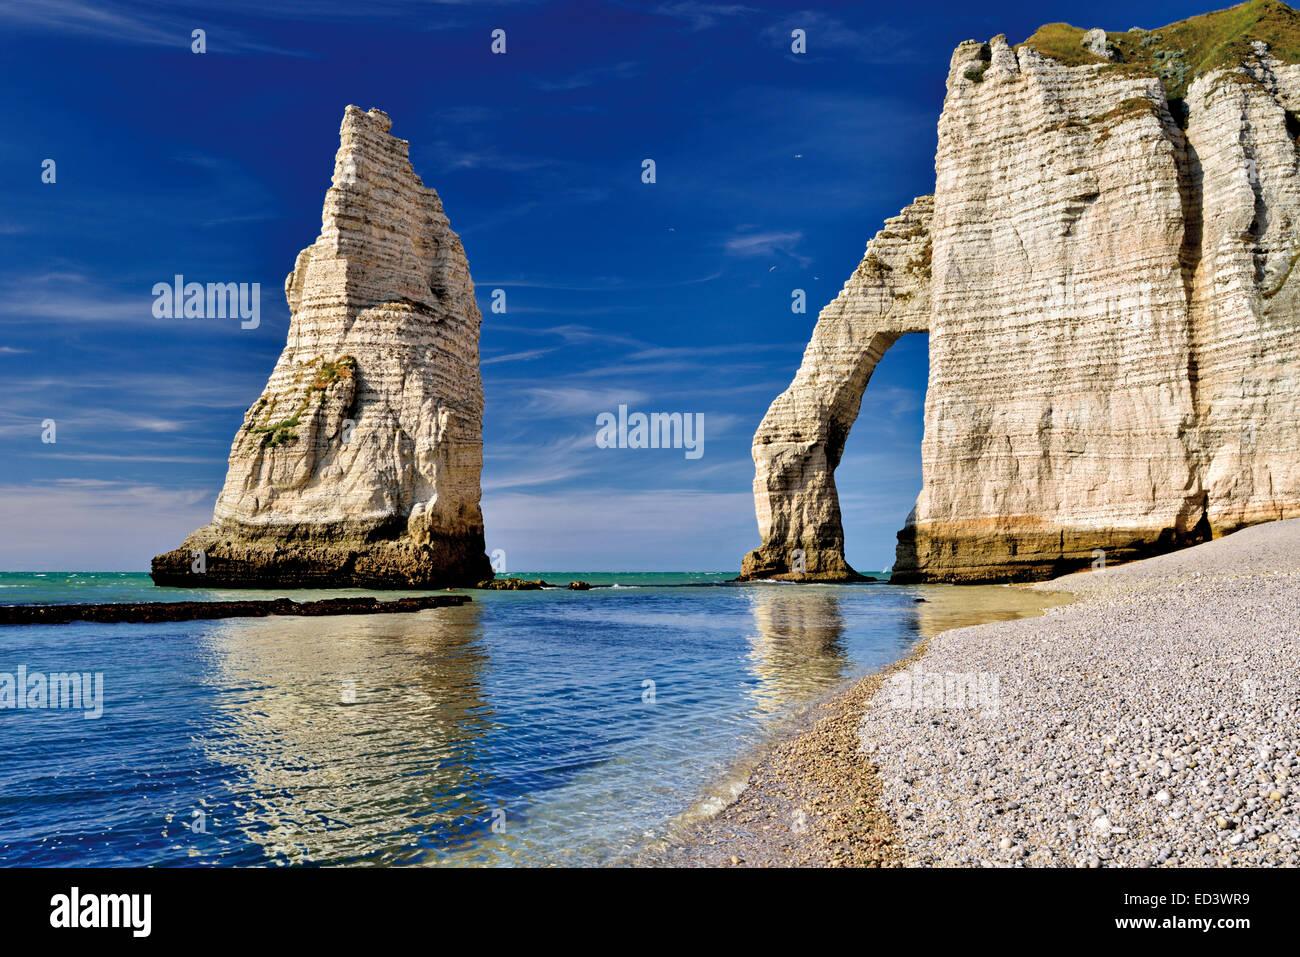 Francia, Normandía: Piedras y arcos en la boca L'aval en la costa de Etretát Foto de stock